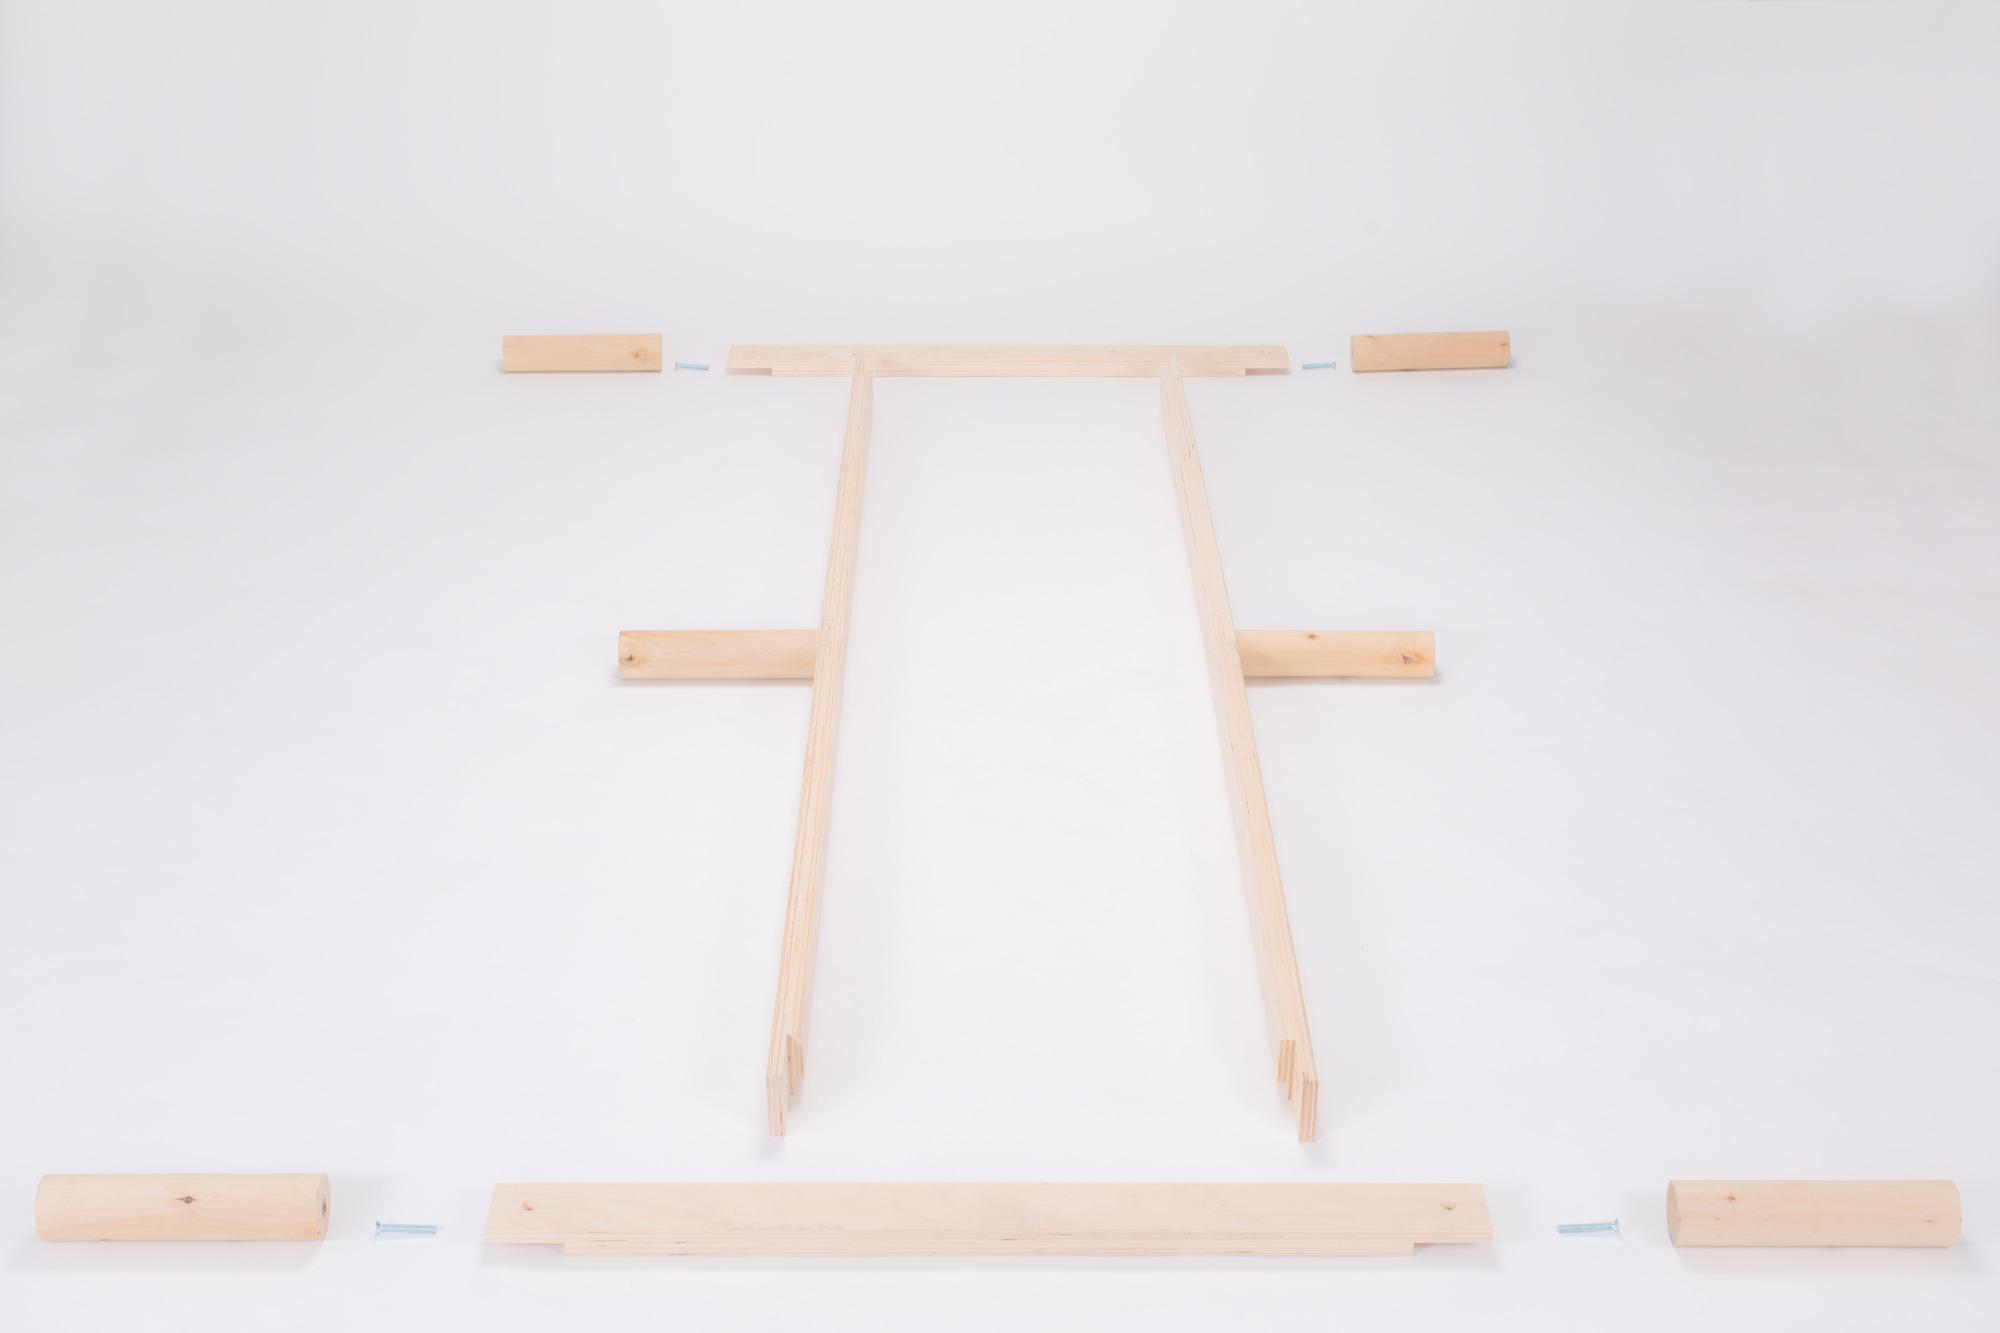 Gigapur G1 26998 Bett | Lattenrost und Bettgestell | Birke Natur Schicht-Holz | Bettrahmen belastbar bis 195Kg | 180 x 200 cm (2 x 90 x 200 cm)